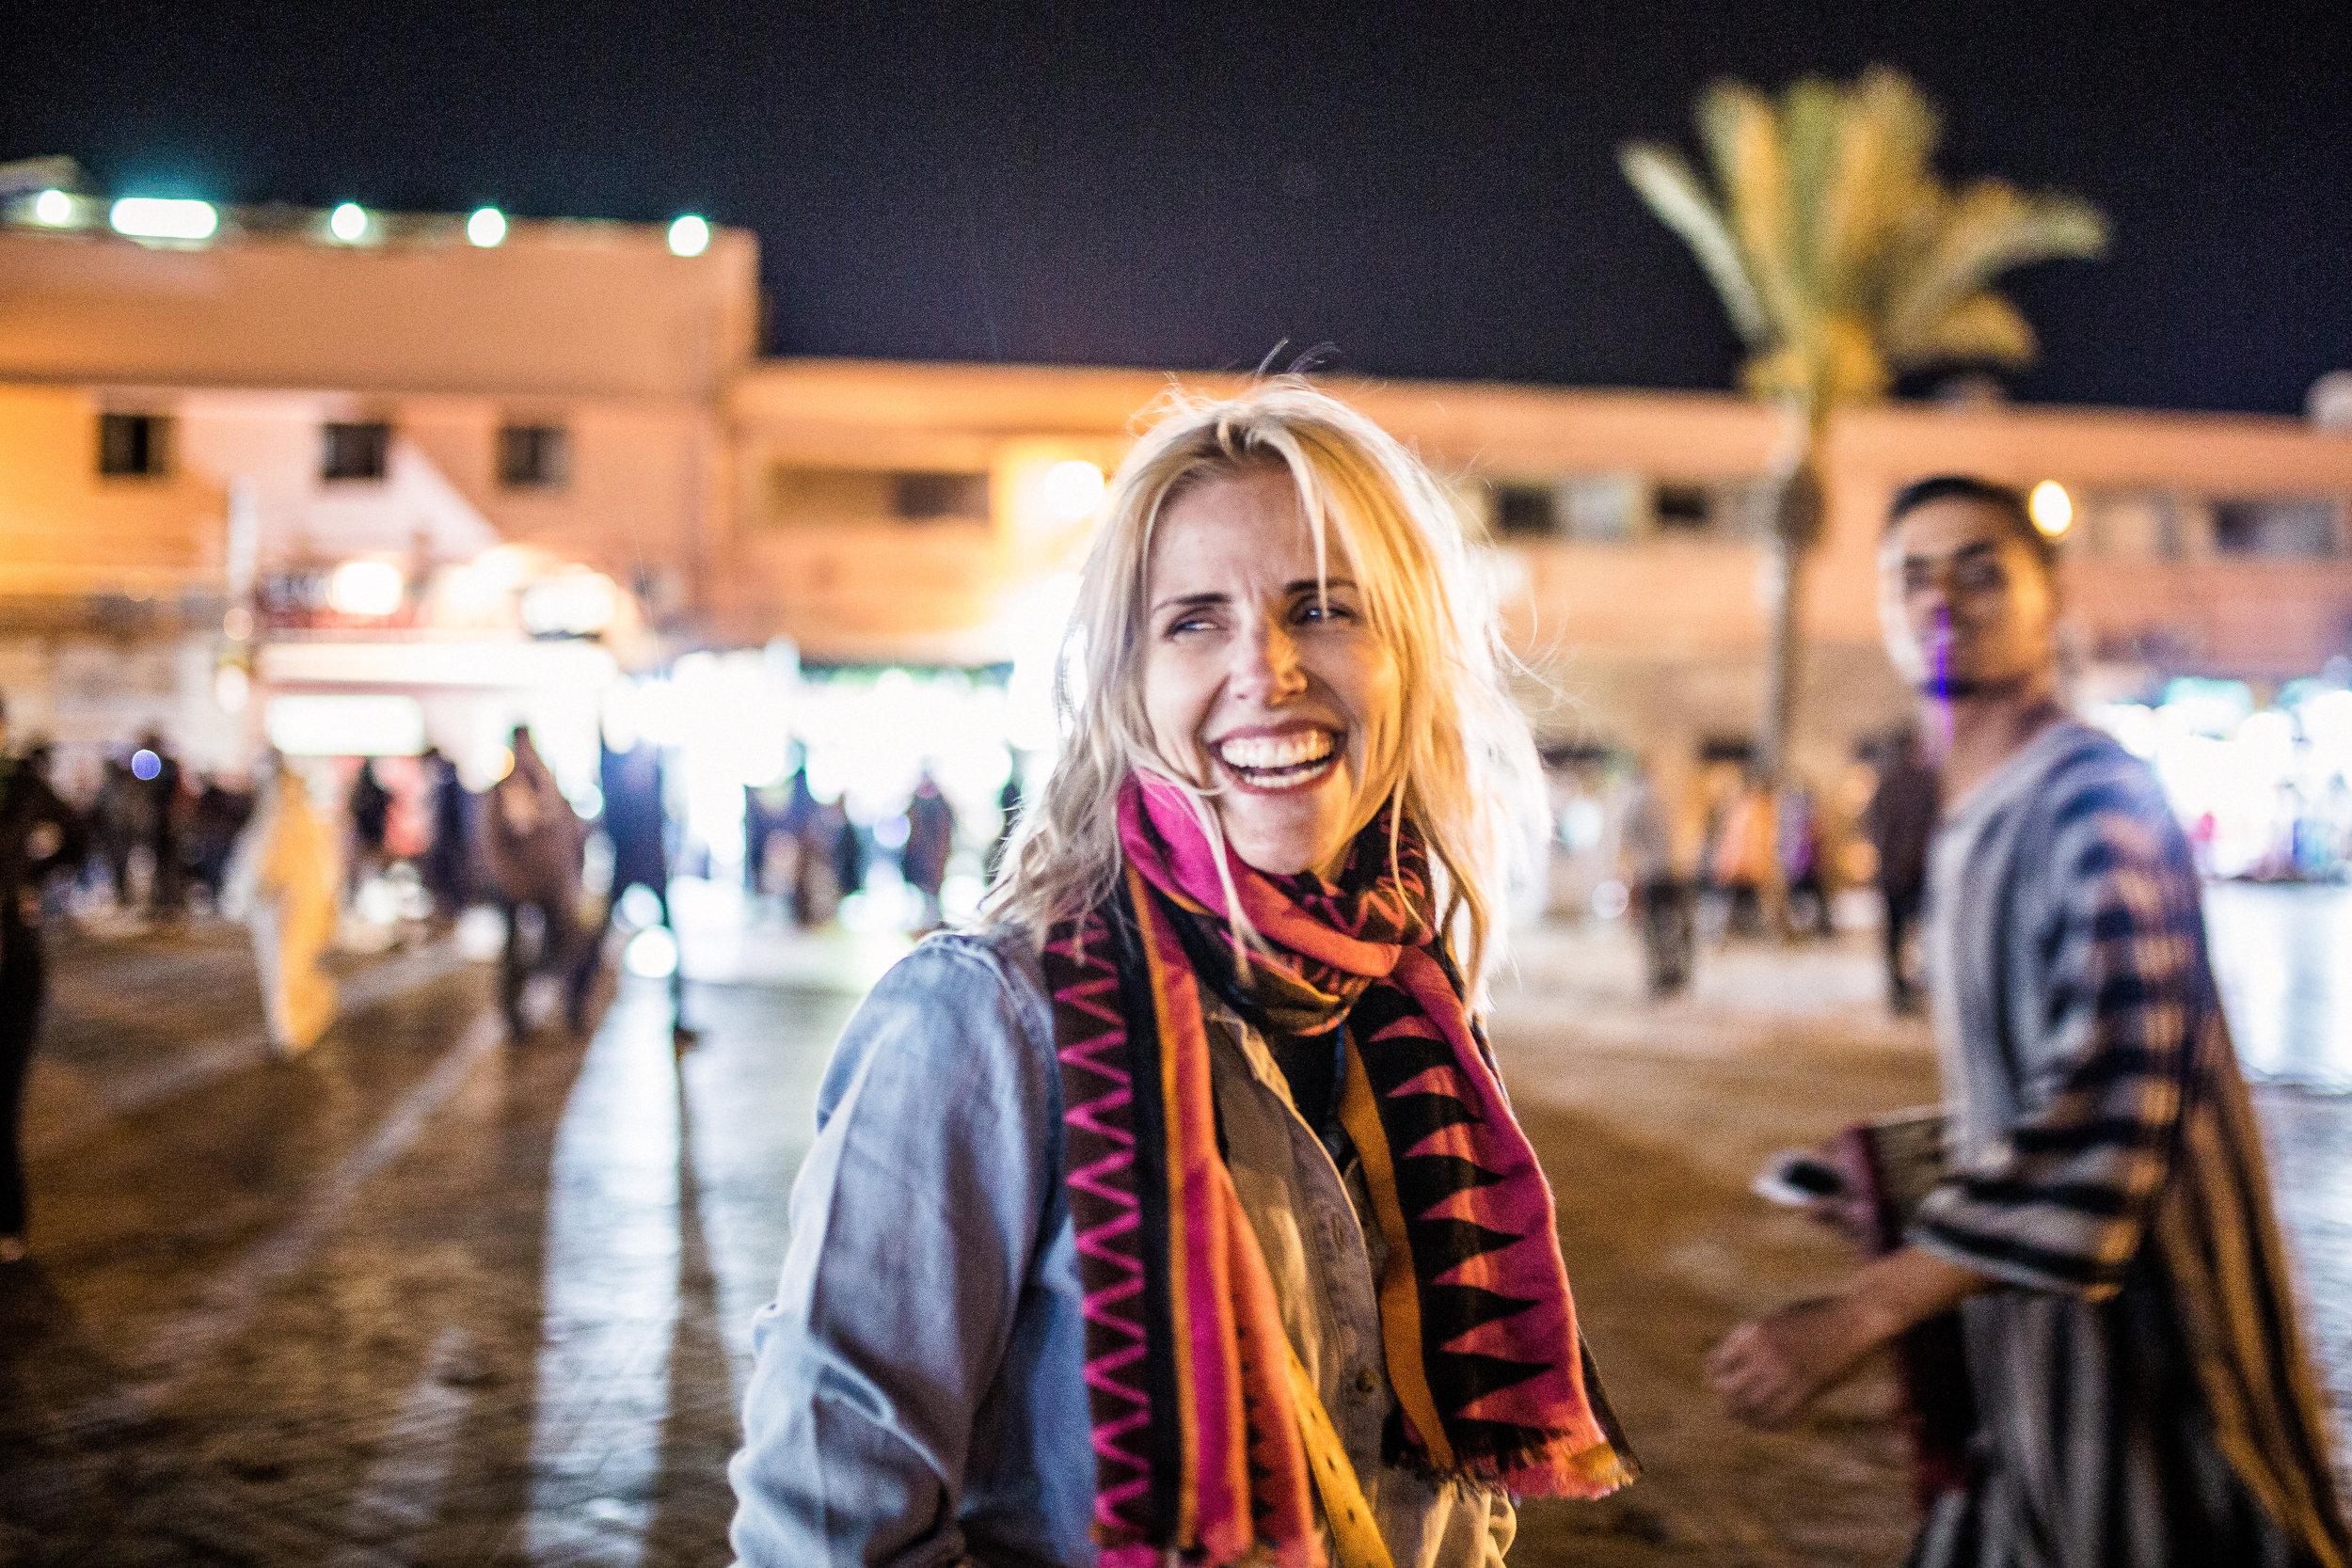 The Square in Morocco